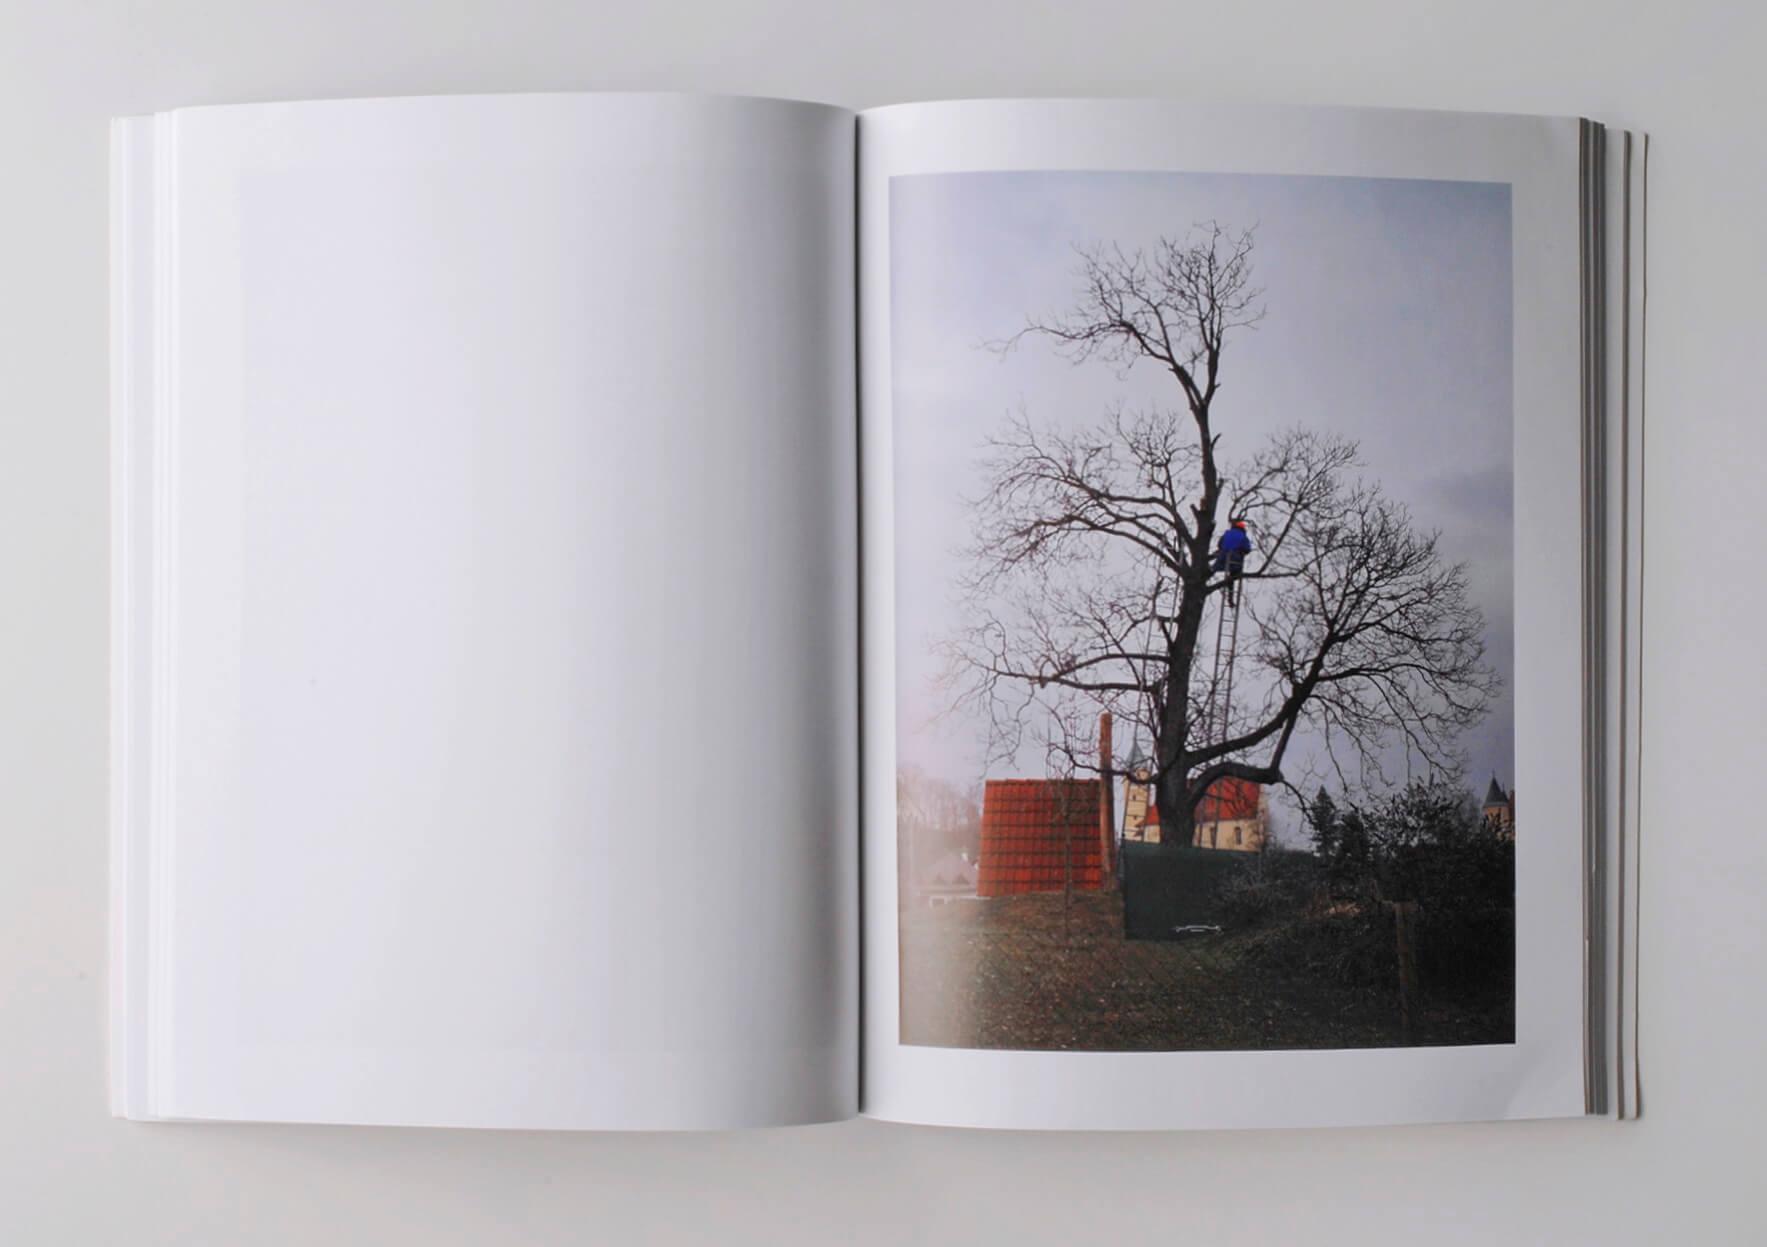 | Archiv Peter Piller: Materialien (D) Peripheriewanderung Graz | ProjecteSD